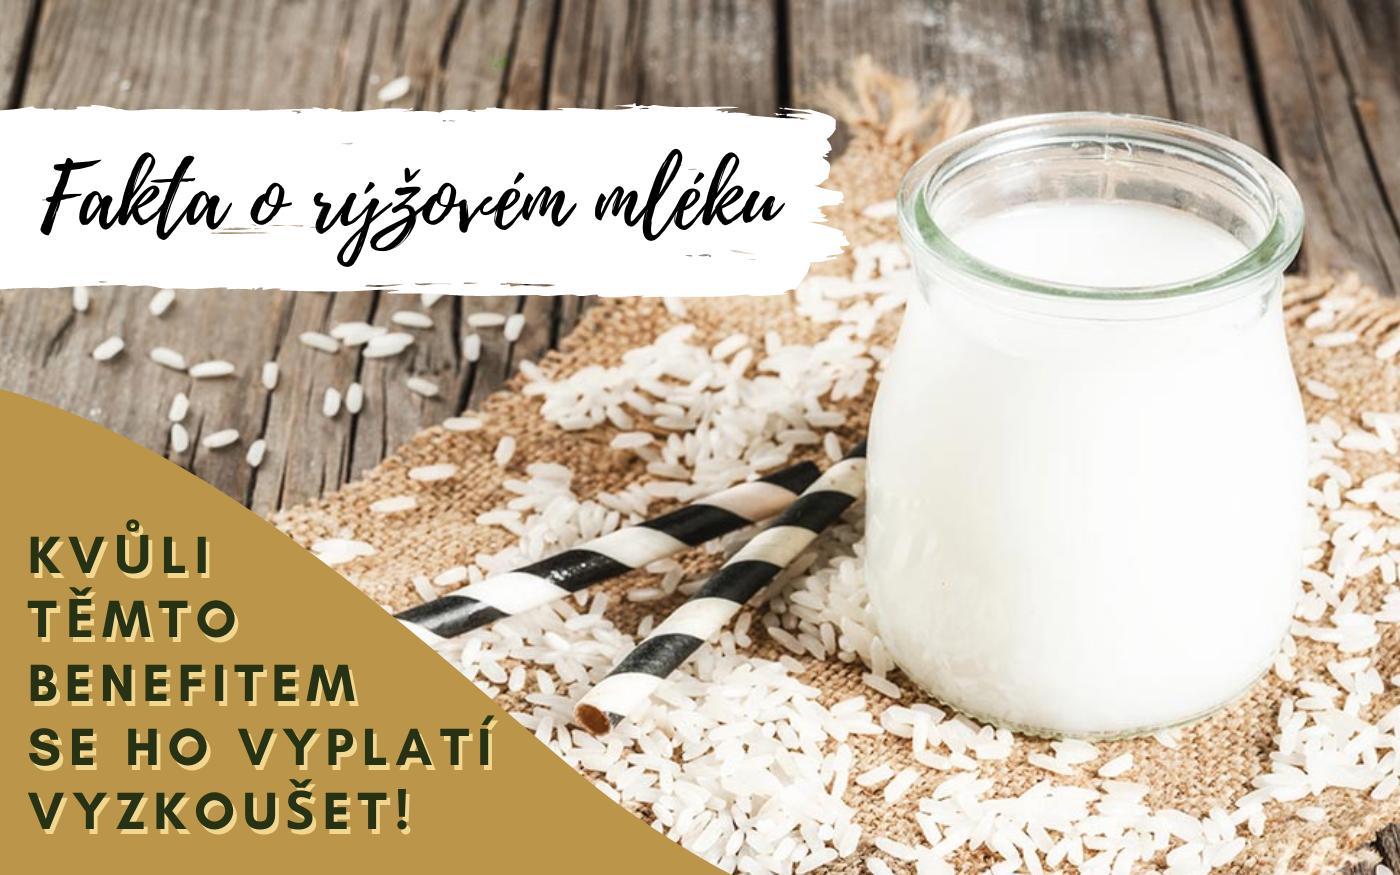 Fakta o rýžovém mléku - kvůli těmto benefitem se ho vyplatí vyzkoušet!